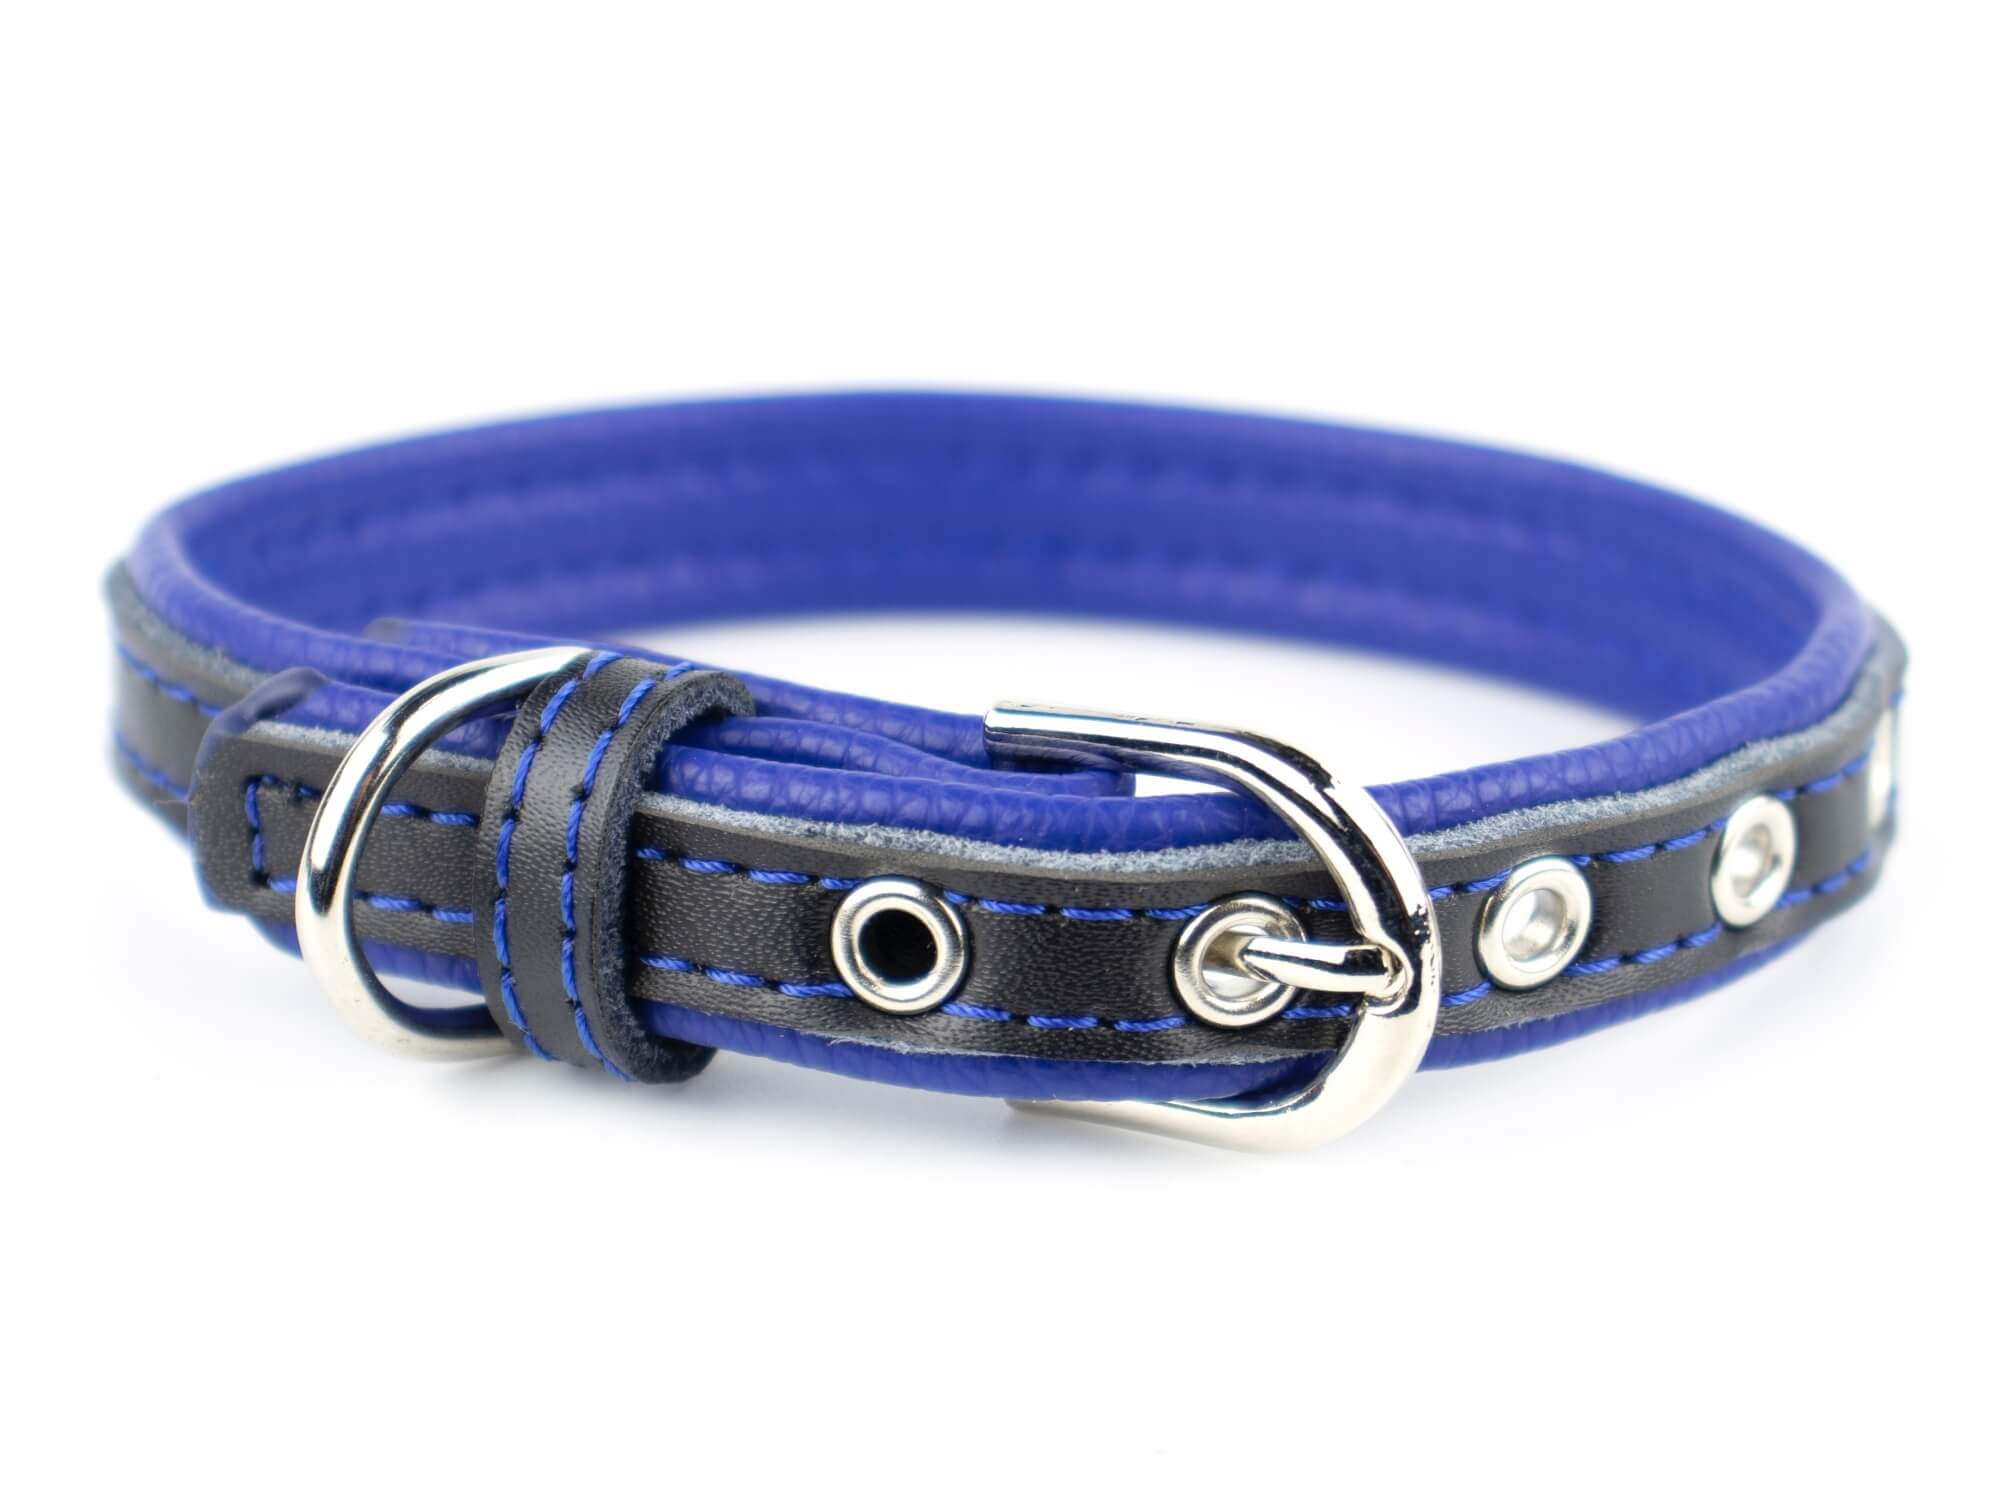 Vsepropejska Rose obojek pro psa | 22 - 34 cm Barva: Černo-modrá, Obvod krku: 22 - 27 cm